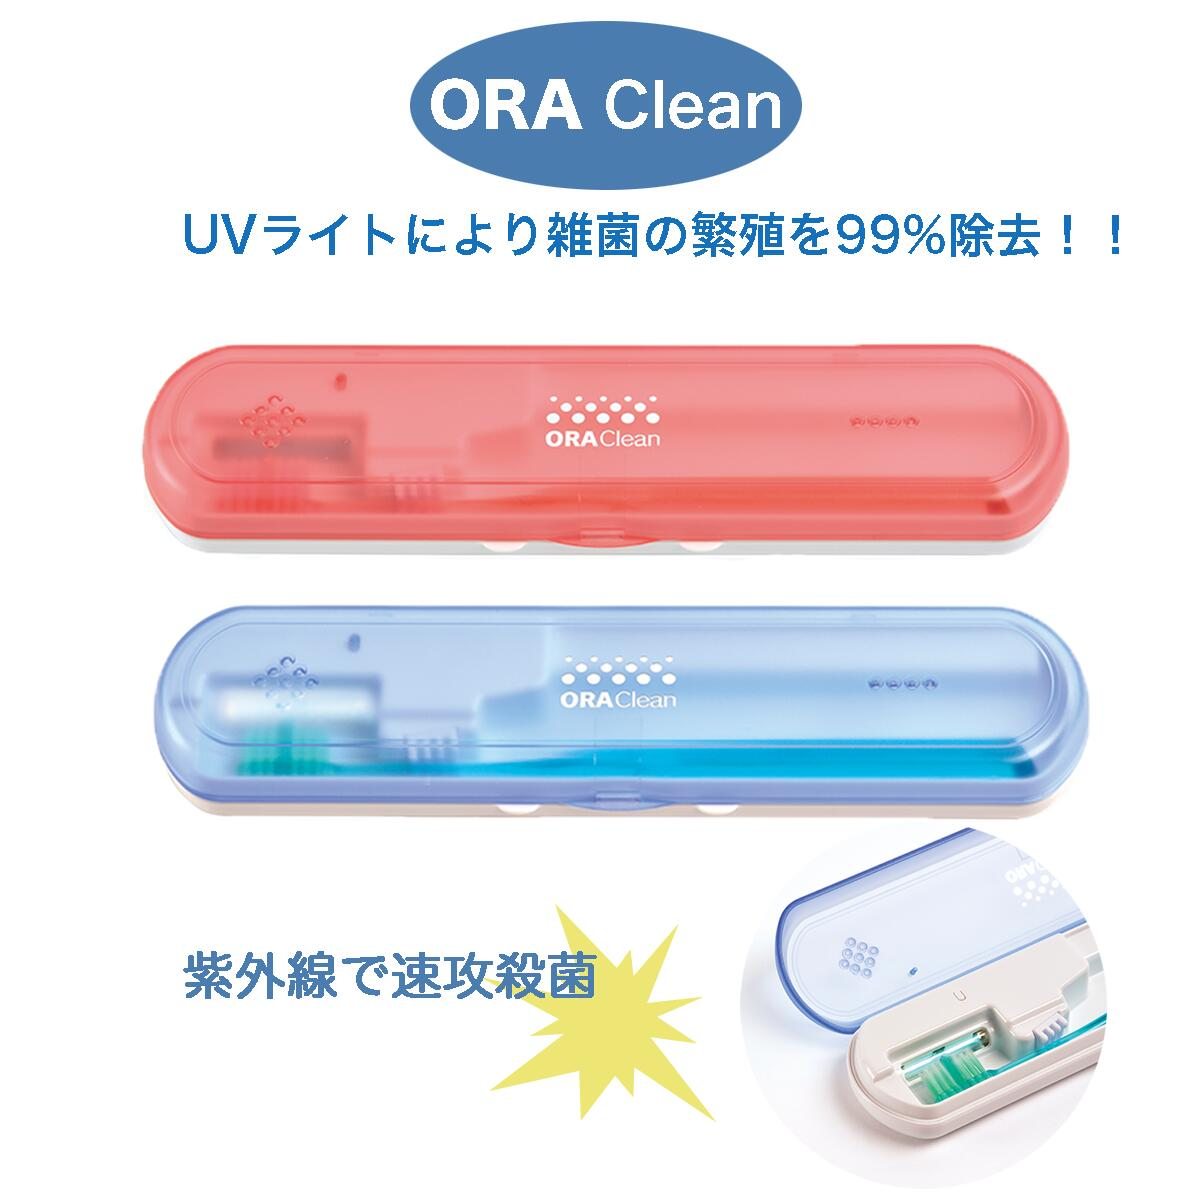 UVライトにより雑菌の繁殖を99%除去 オーラルドクター オーラクリーンTB アウトレット 歯ブラシ アウトレット 除菌スタンド ディープブルー ローズレッド 除菌ケース スタンド